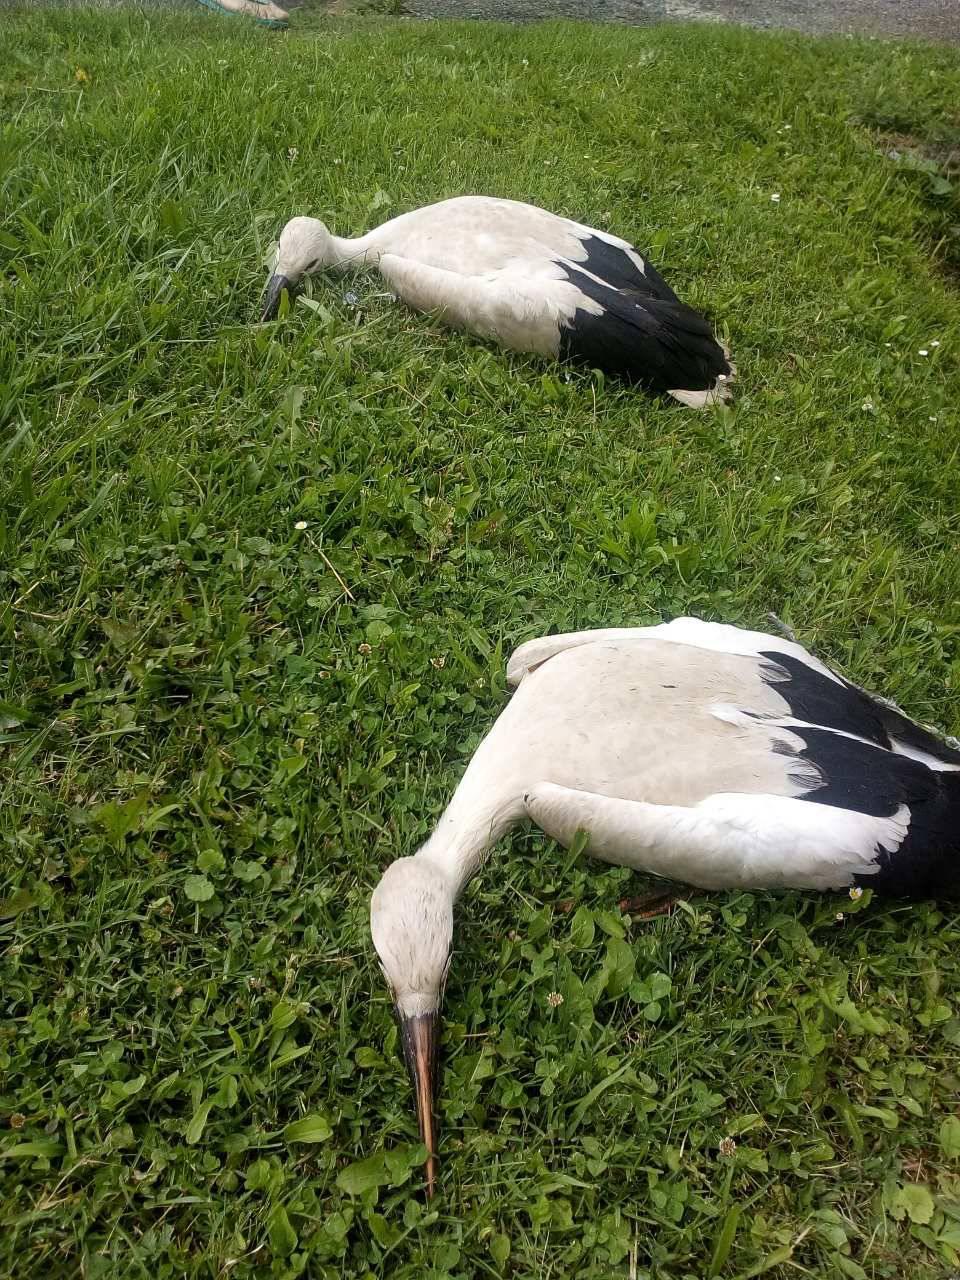 Sa stupa palo gnijezdo s malim rodama, dva ptića su uginula...